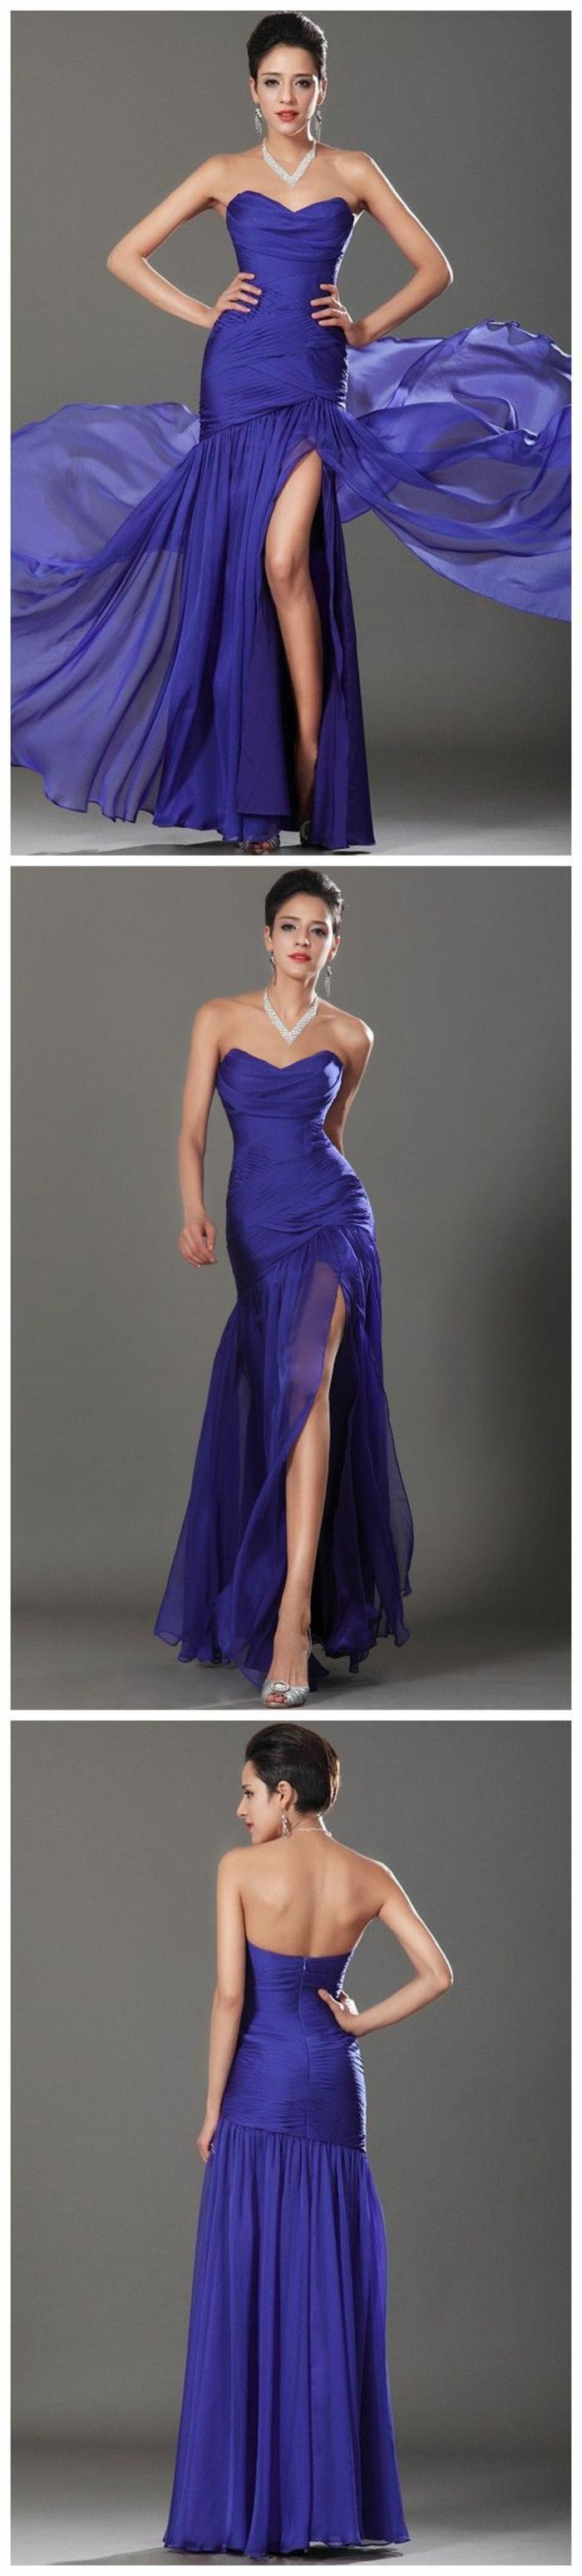 robe pur mariage en bleu marine robe de cocktail pour mariage avec bustier sans bretelles fente profonde latérale sur la jambe gauche pour une silhouette légère